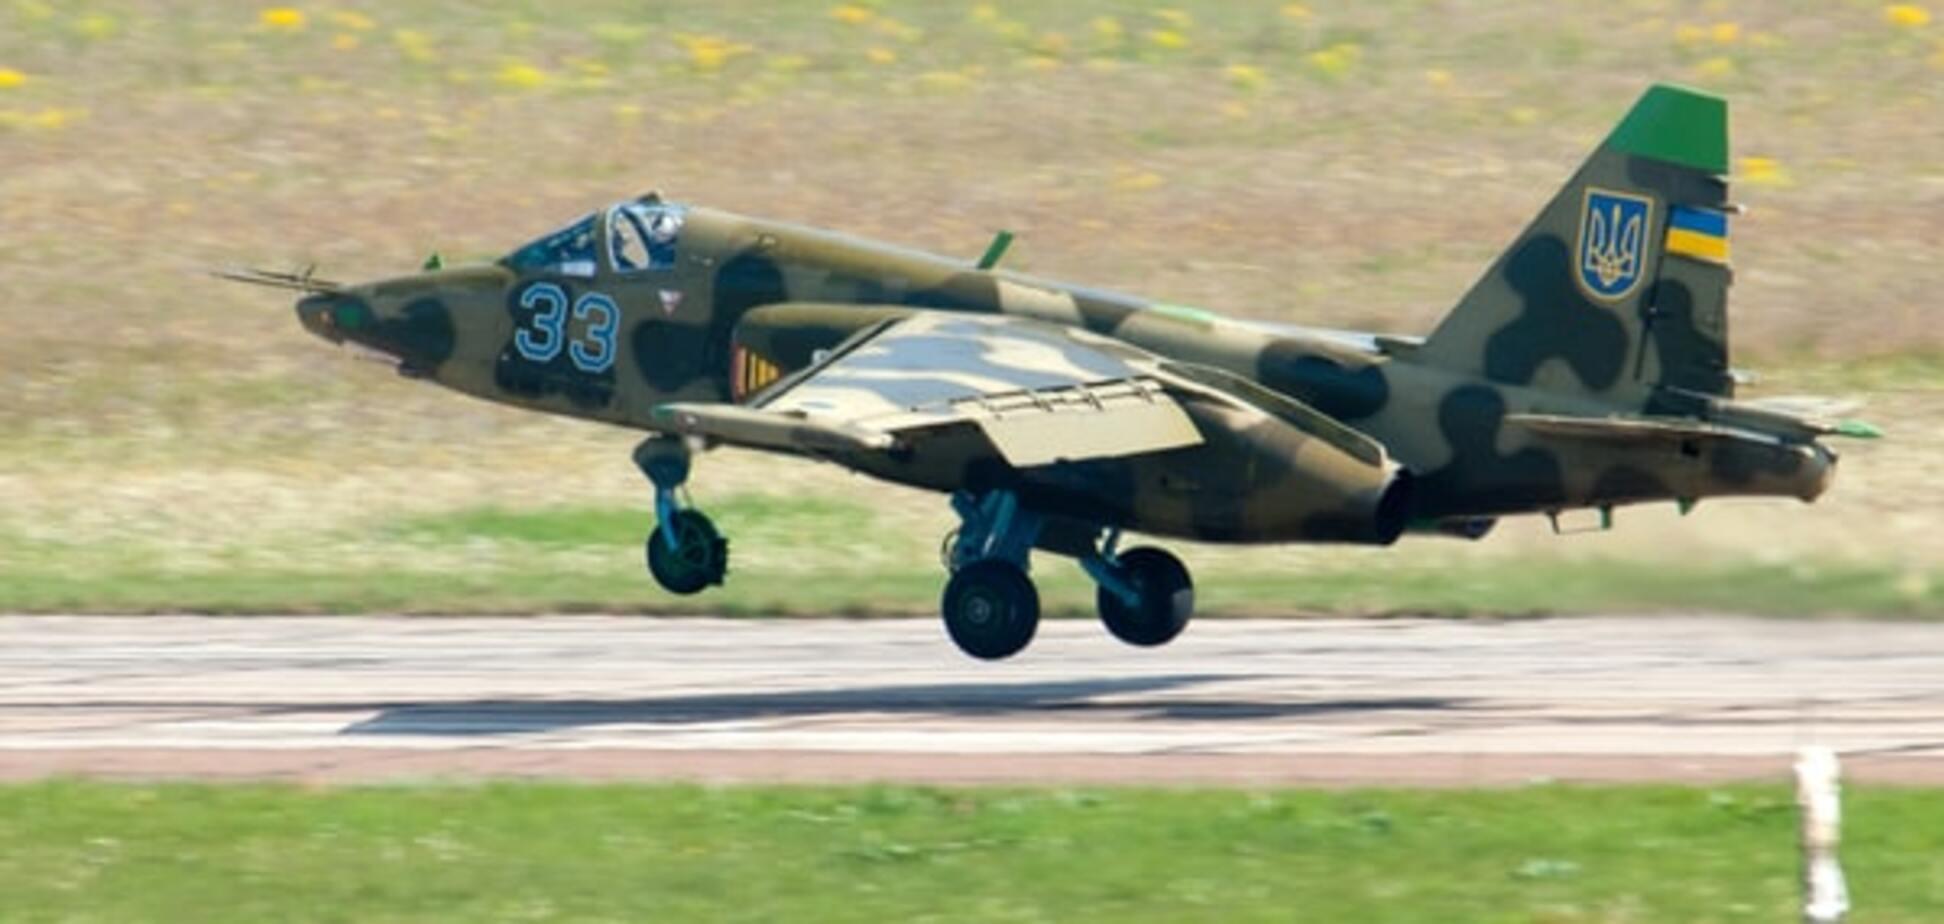 Катастрофа Су-25: эксперт объяснил, почему разбился самолет